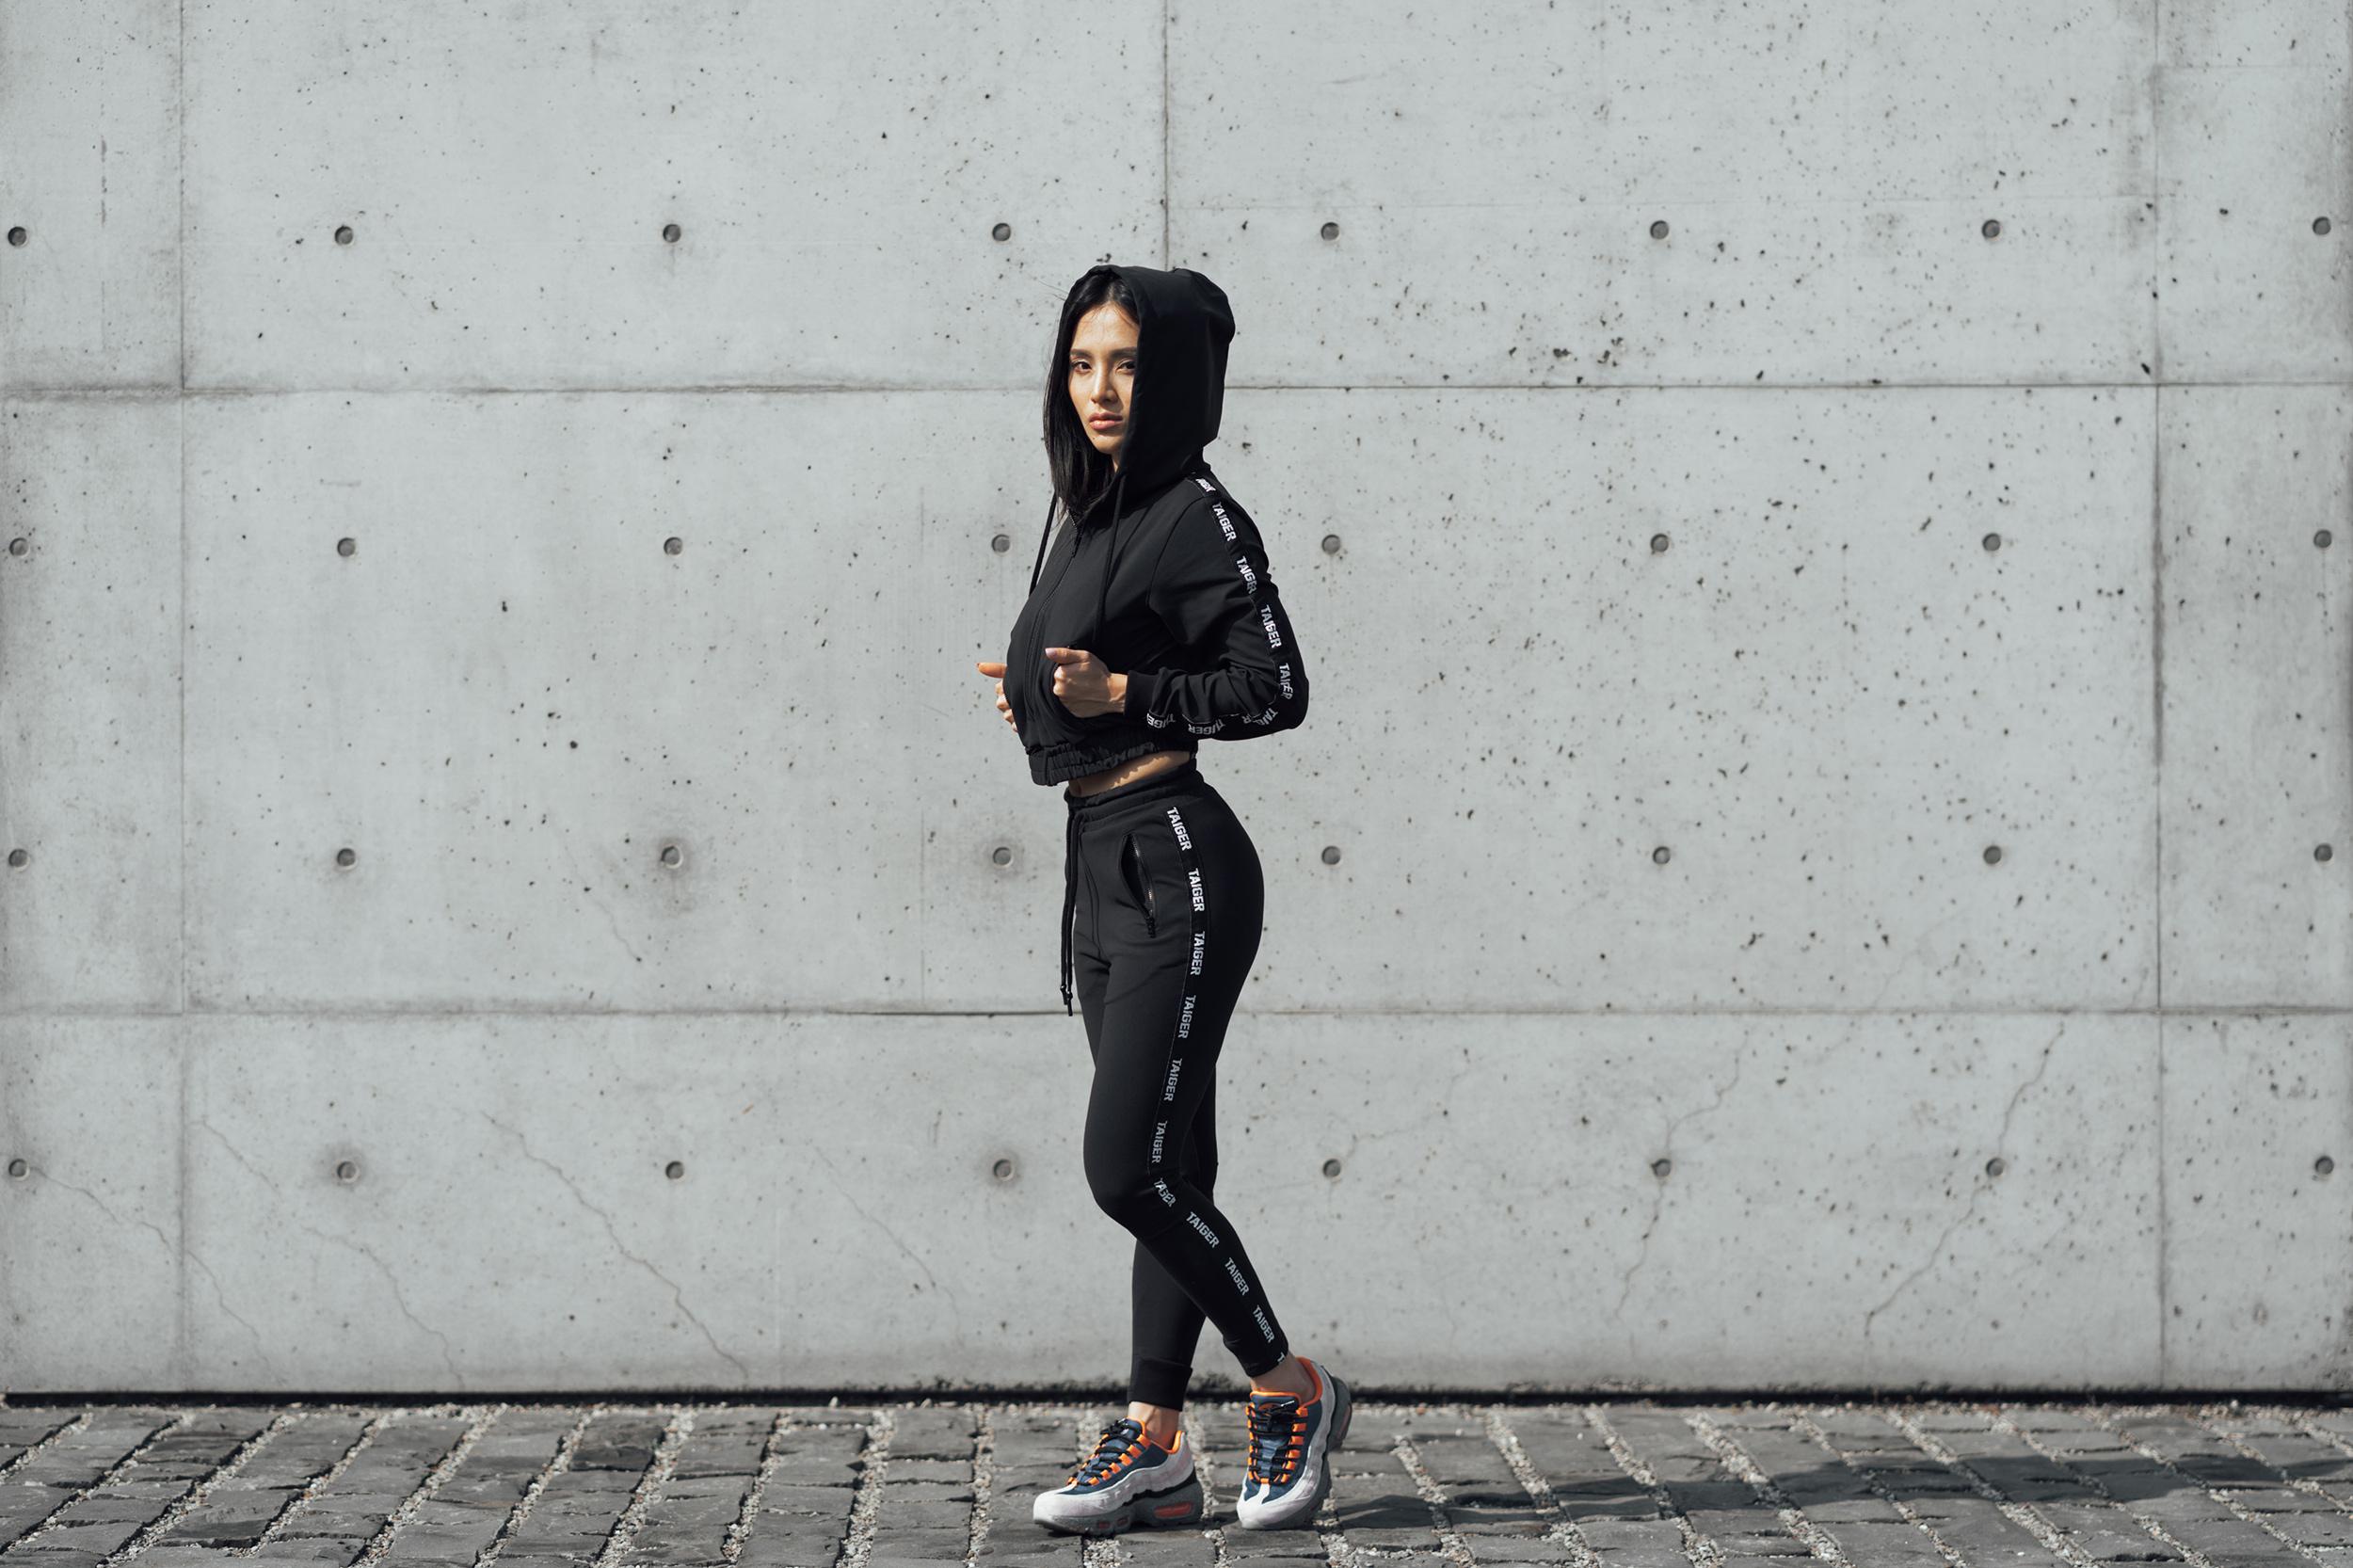 女生運動套裝,黑色,輕薄、吸濕排汗、版型具有立體感